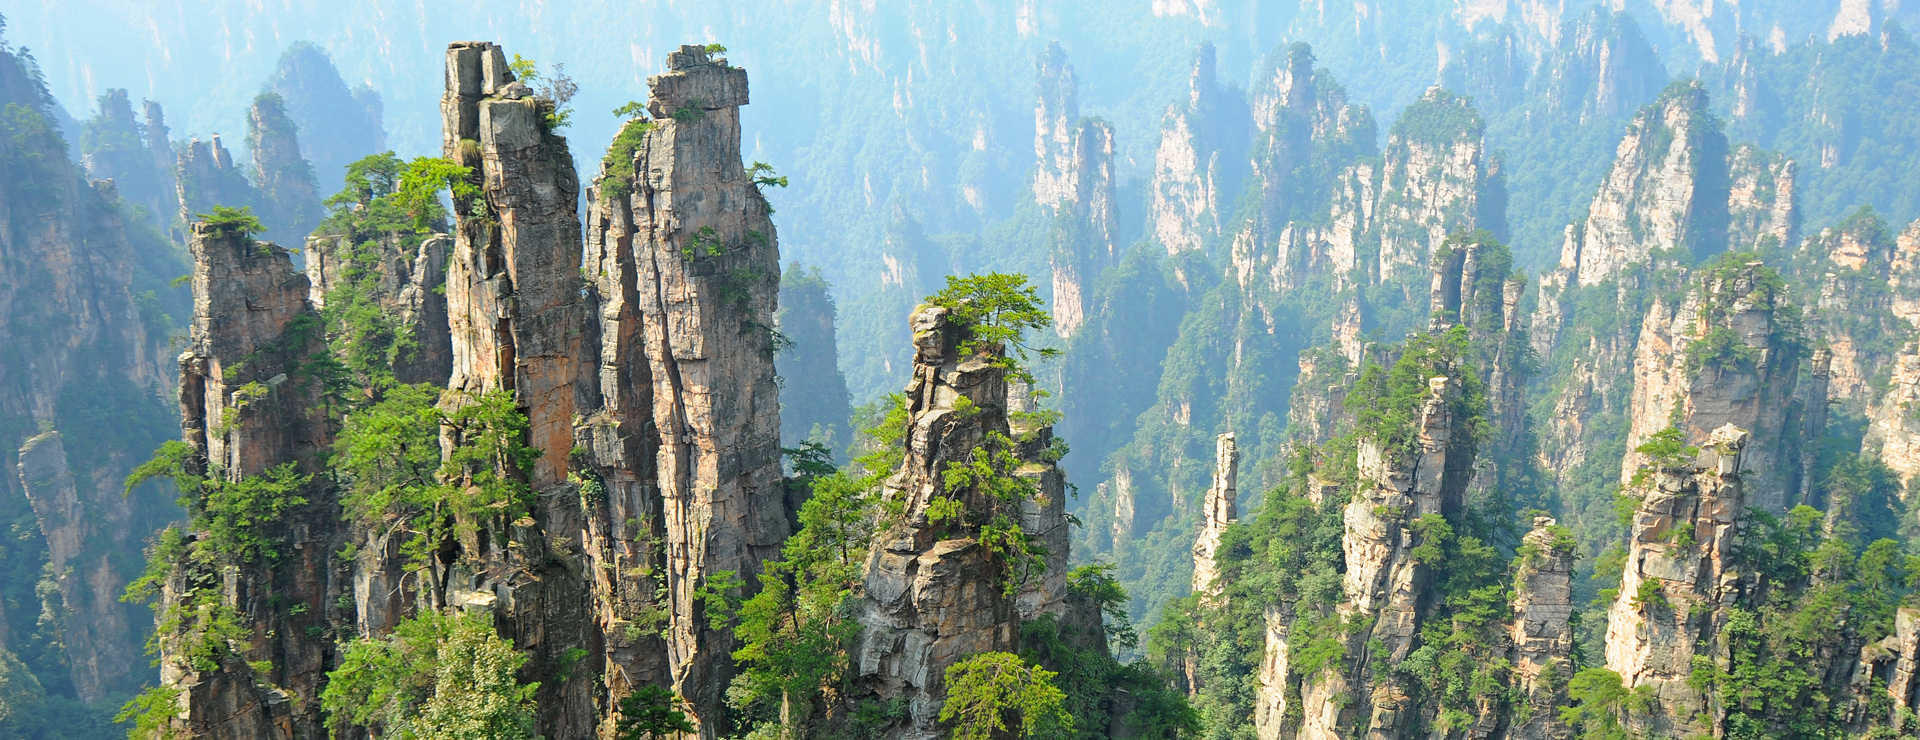 Kina – Avatarbergen i Zhangjiajie